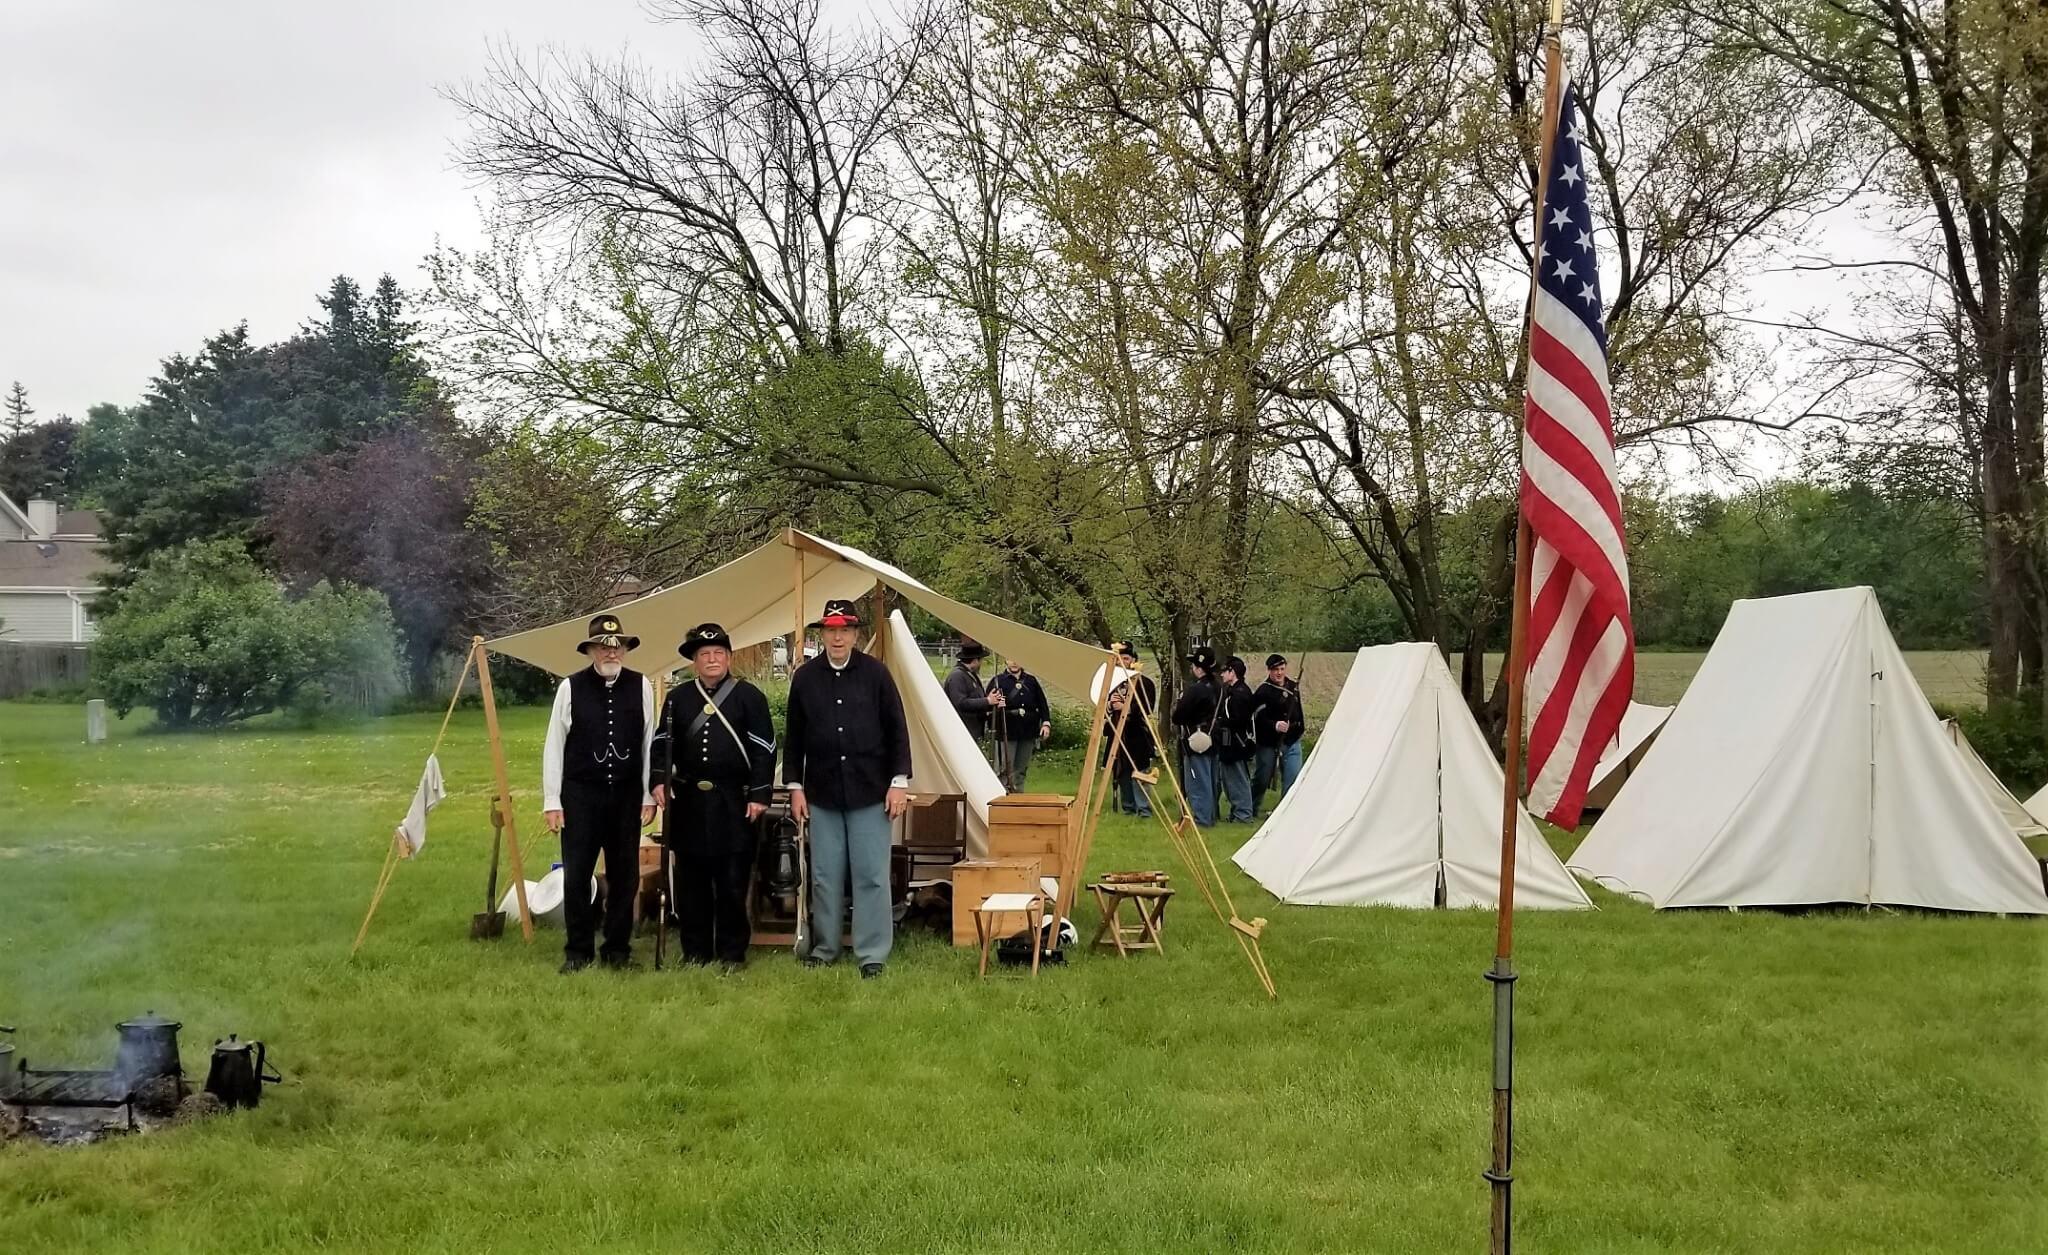 Civil War Military Camp Reenactment